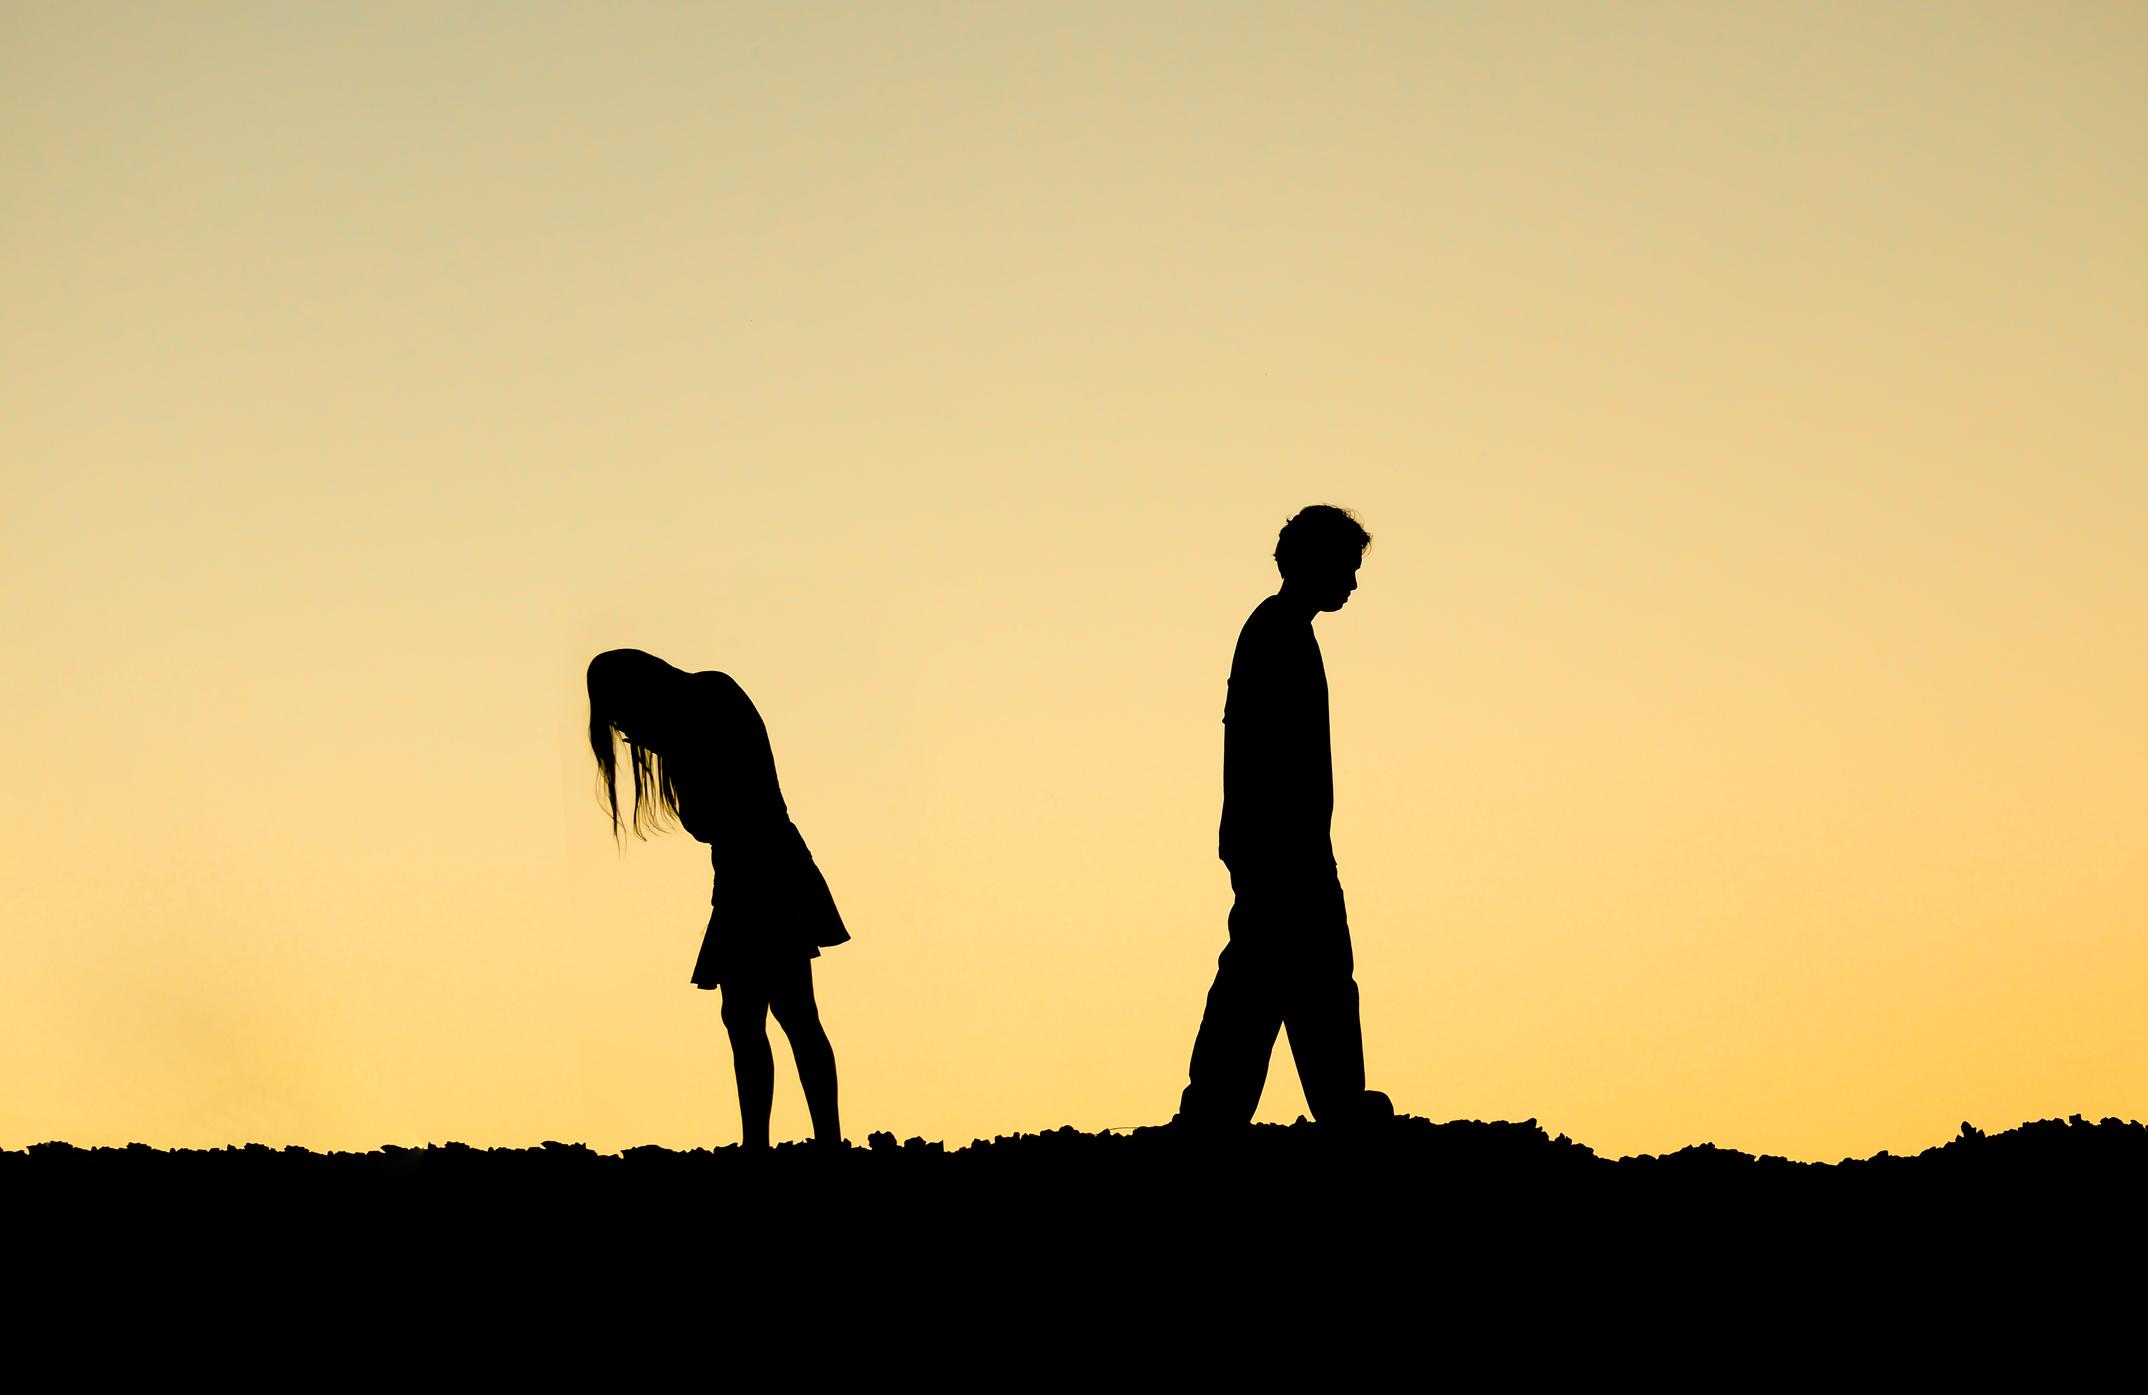 いつも苦しい恋ばかり…その原因と楽しく恋愛するための3つのポイント